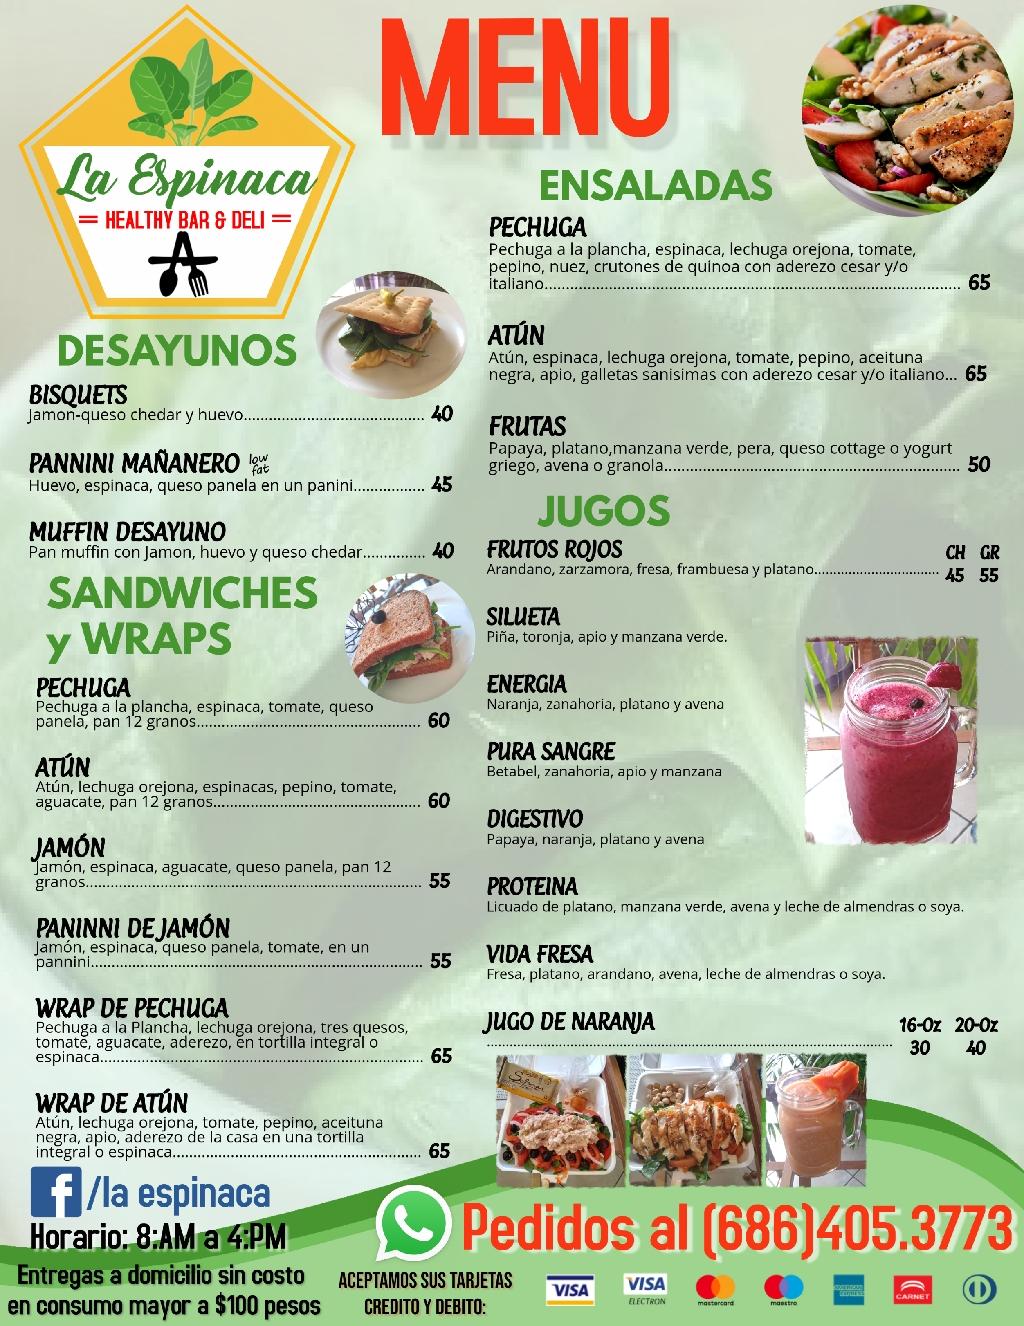 La Espinaca Healty Bar & Deli